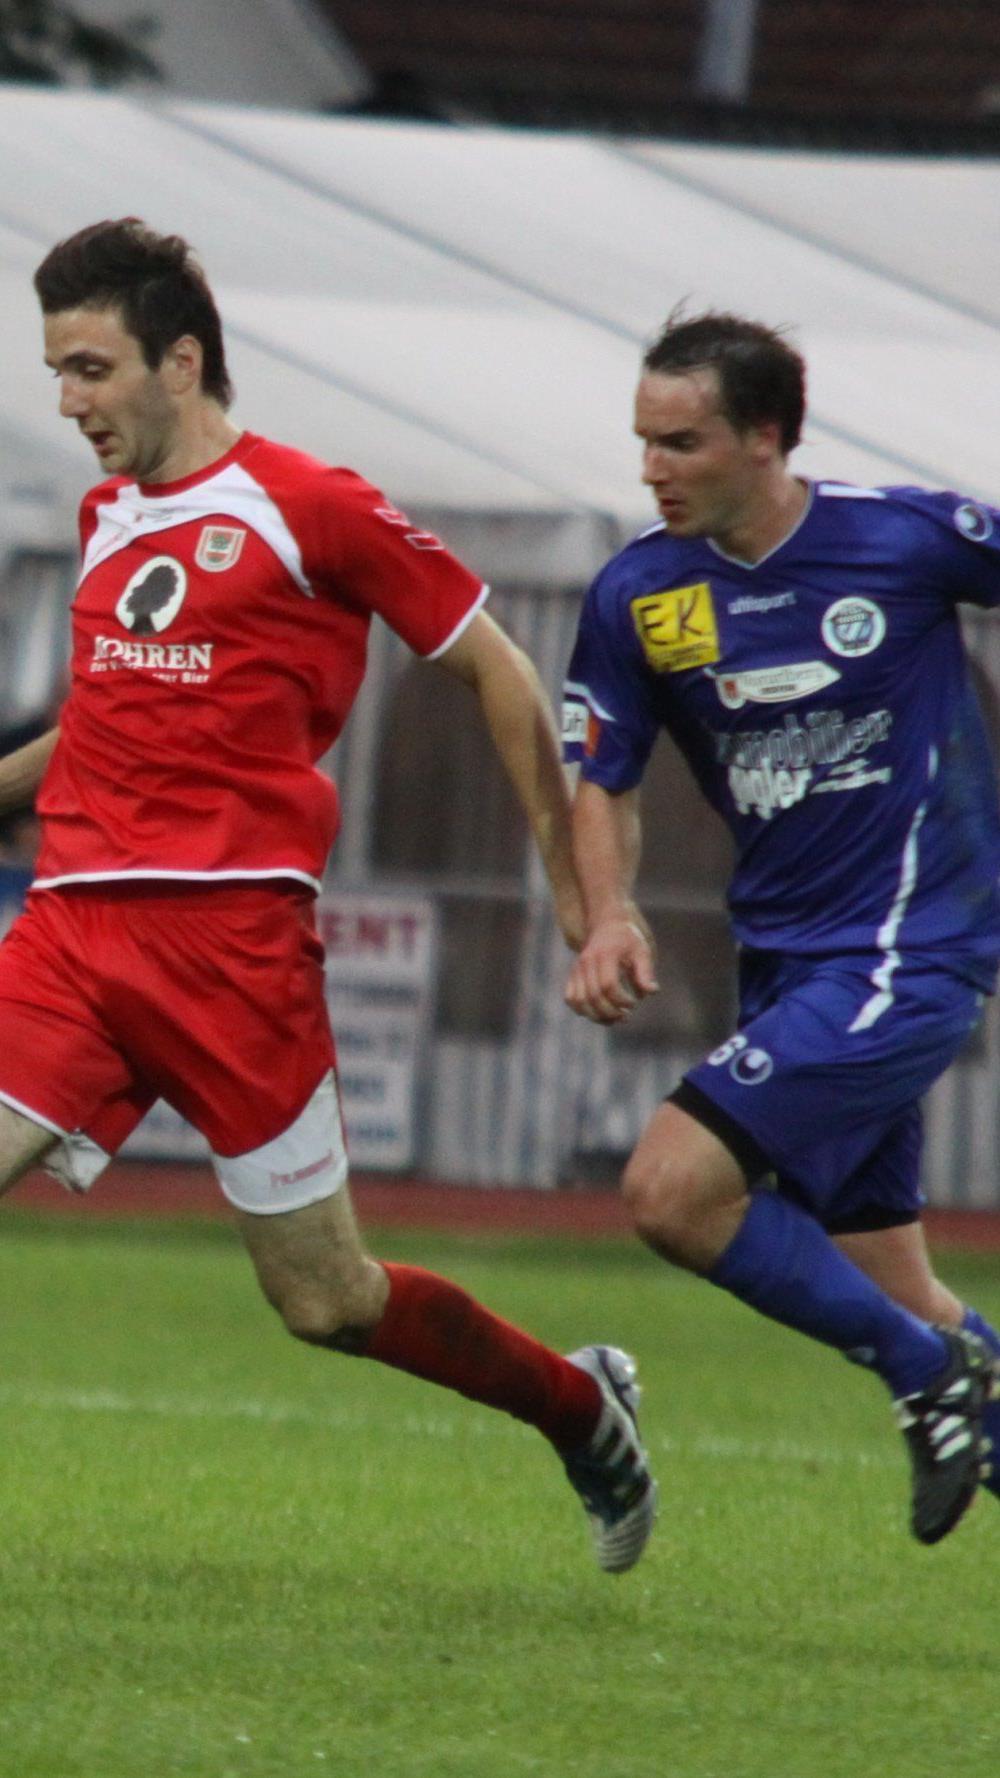 Hard gegen FC Dornbirn wird am Samstag im Waldstadion ausgetragen.